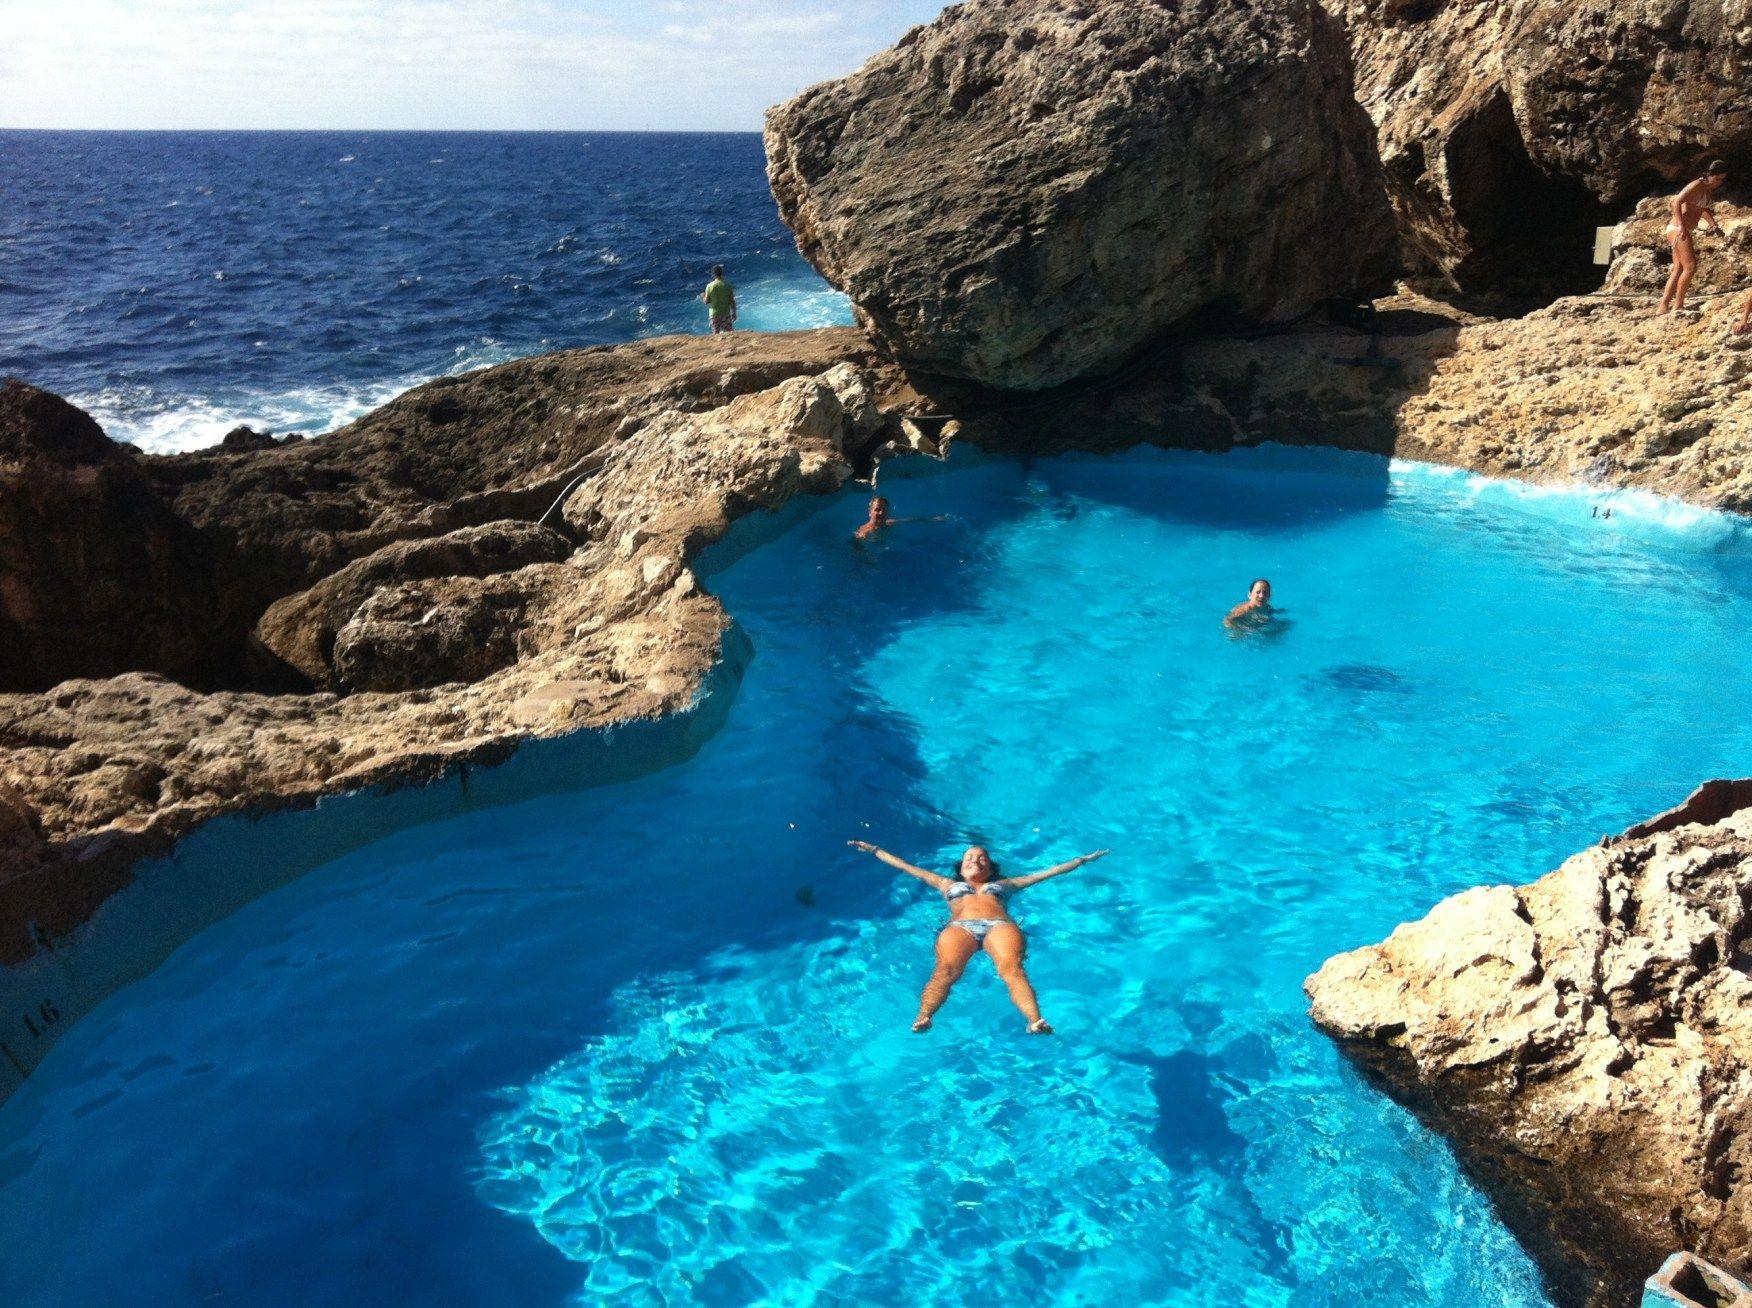 Piscina natural cal de ses egos beautiful pools - Piscina natural mallorca ...